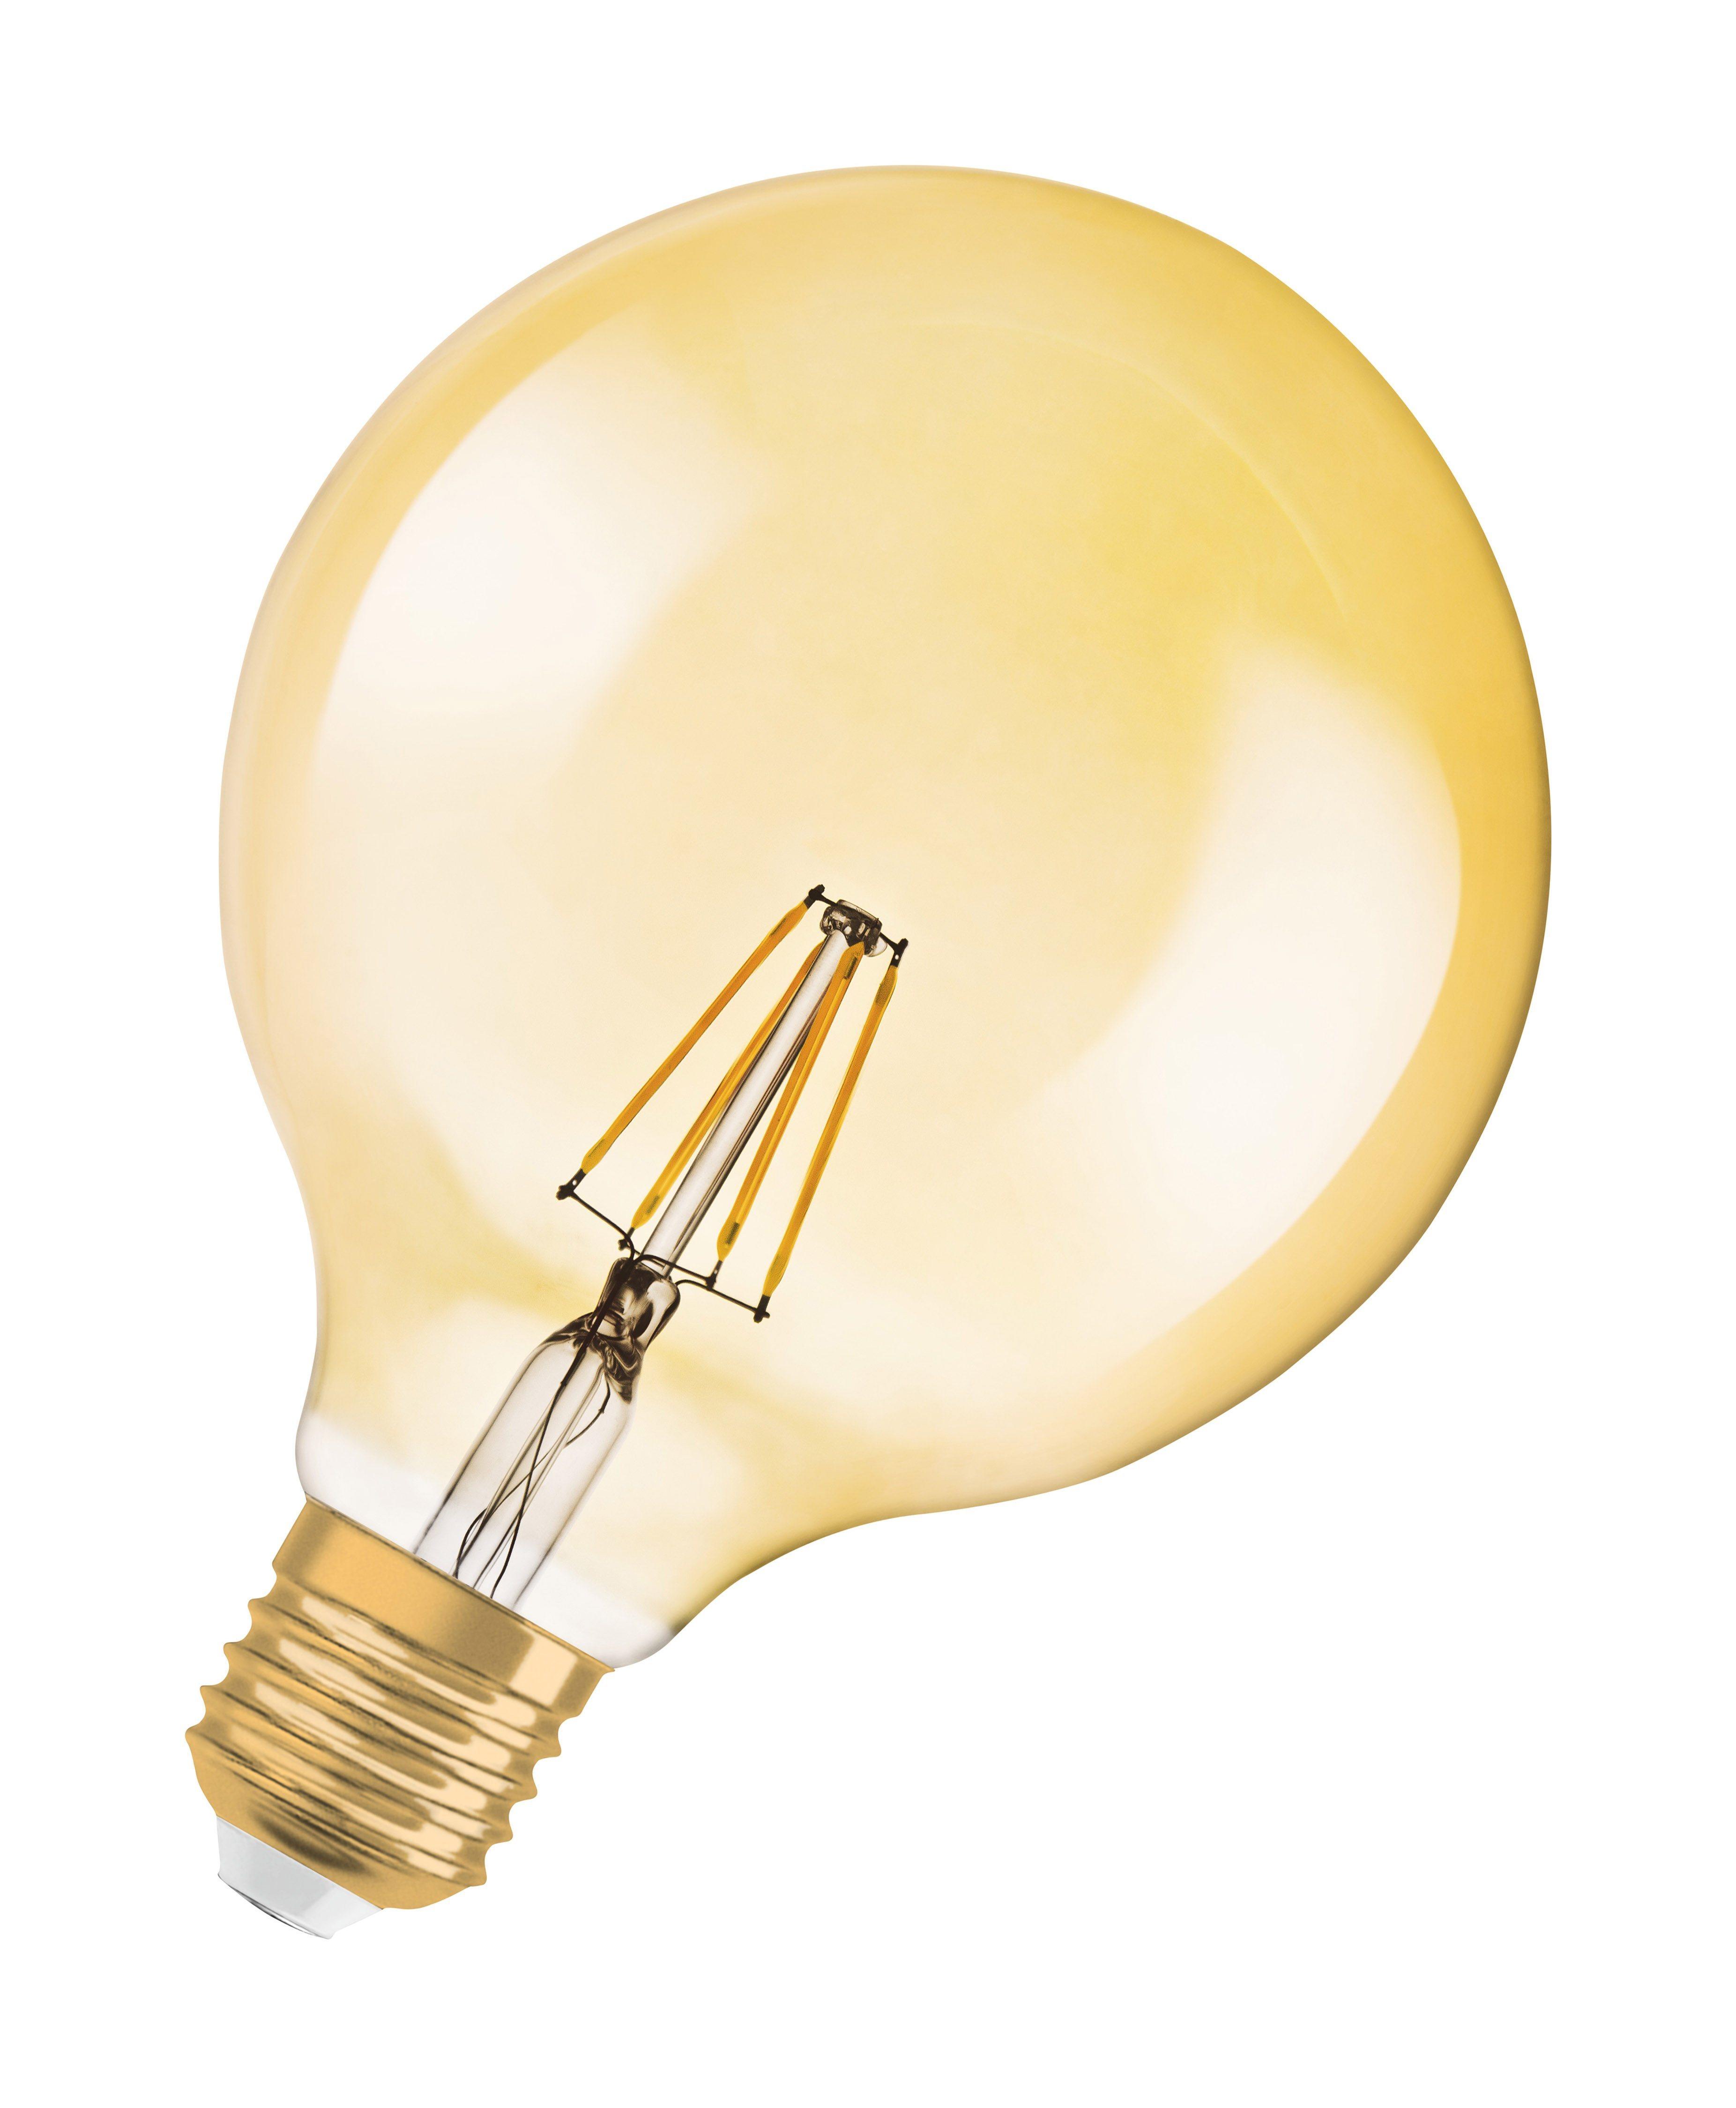 paulmann lampen gold preisvergleich die besten angebote online kaufen. Black Bedroom Furniture Sets. Home Design Ideas